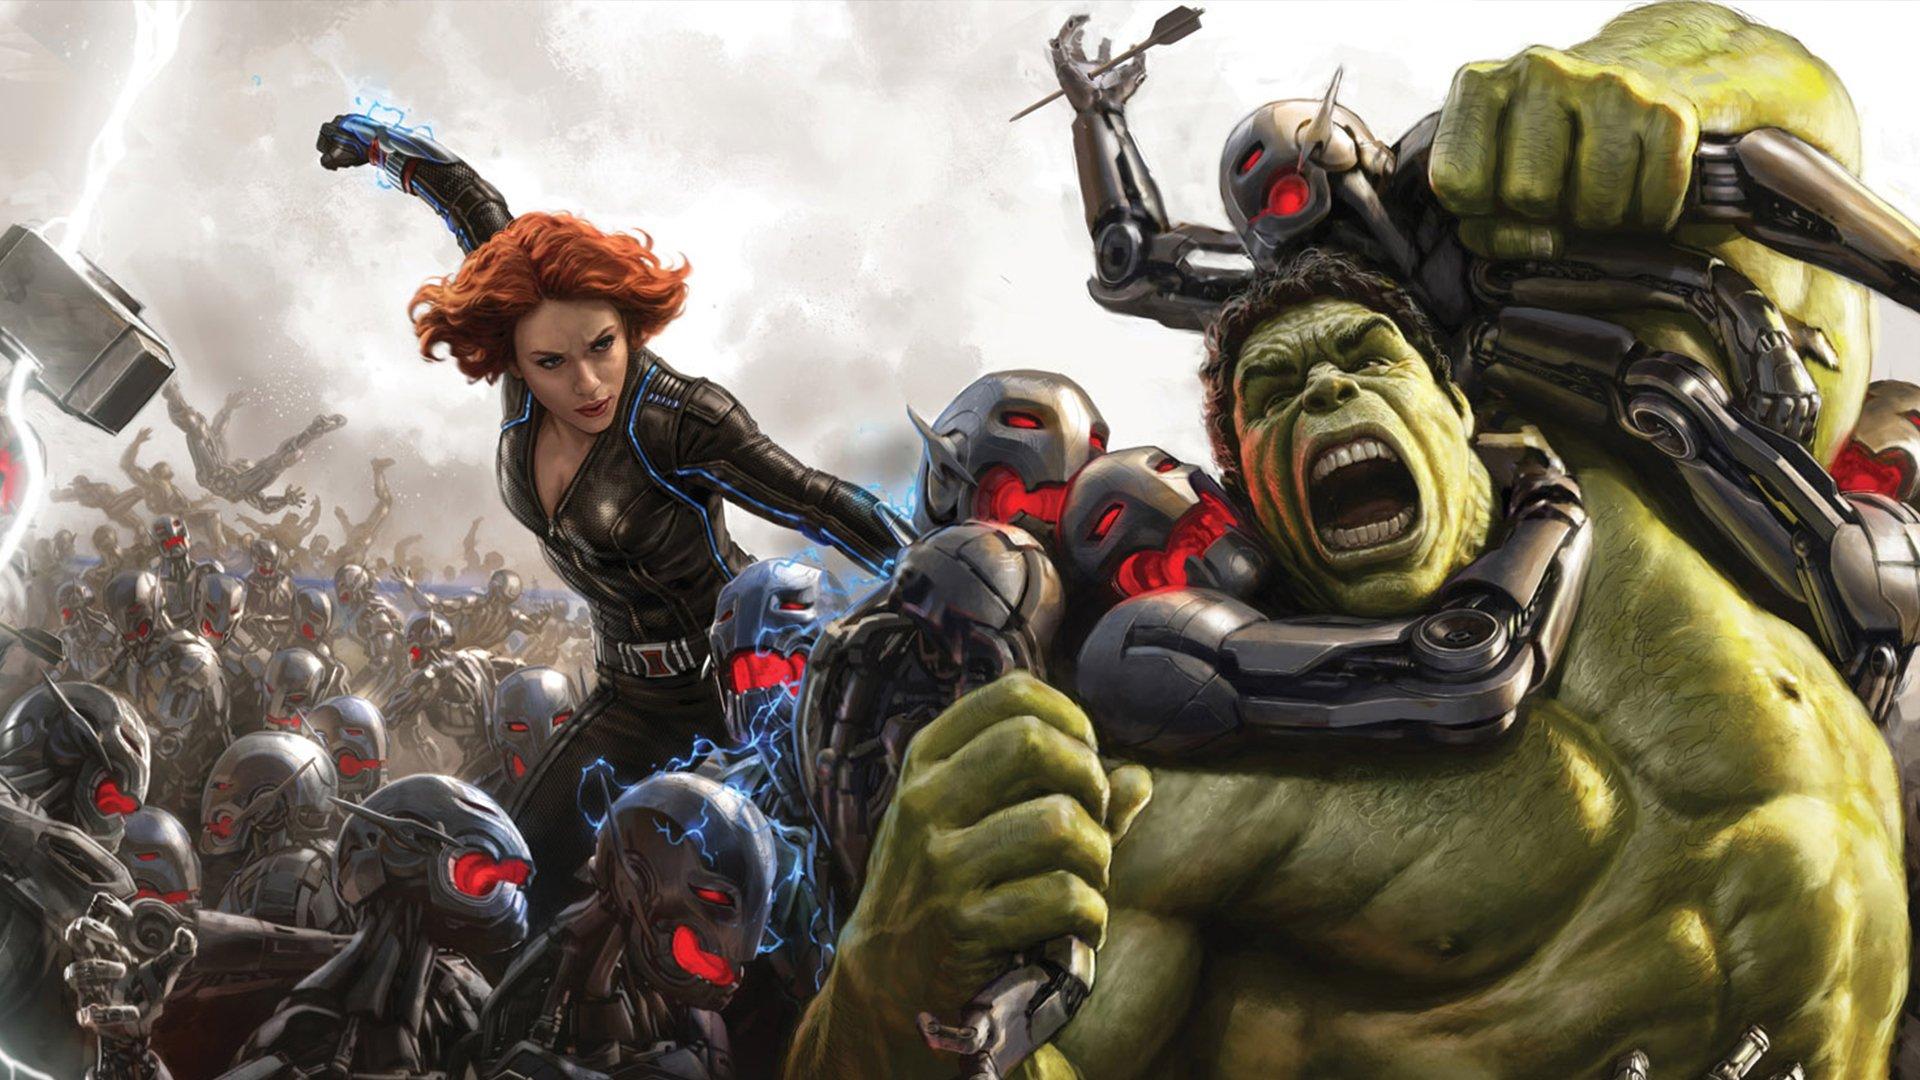 Avengers l 39 re d 39 ultron fonds d 39 cran arri res plan - Telecharger avengers ...